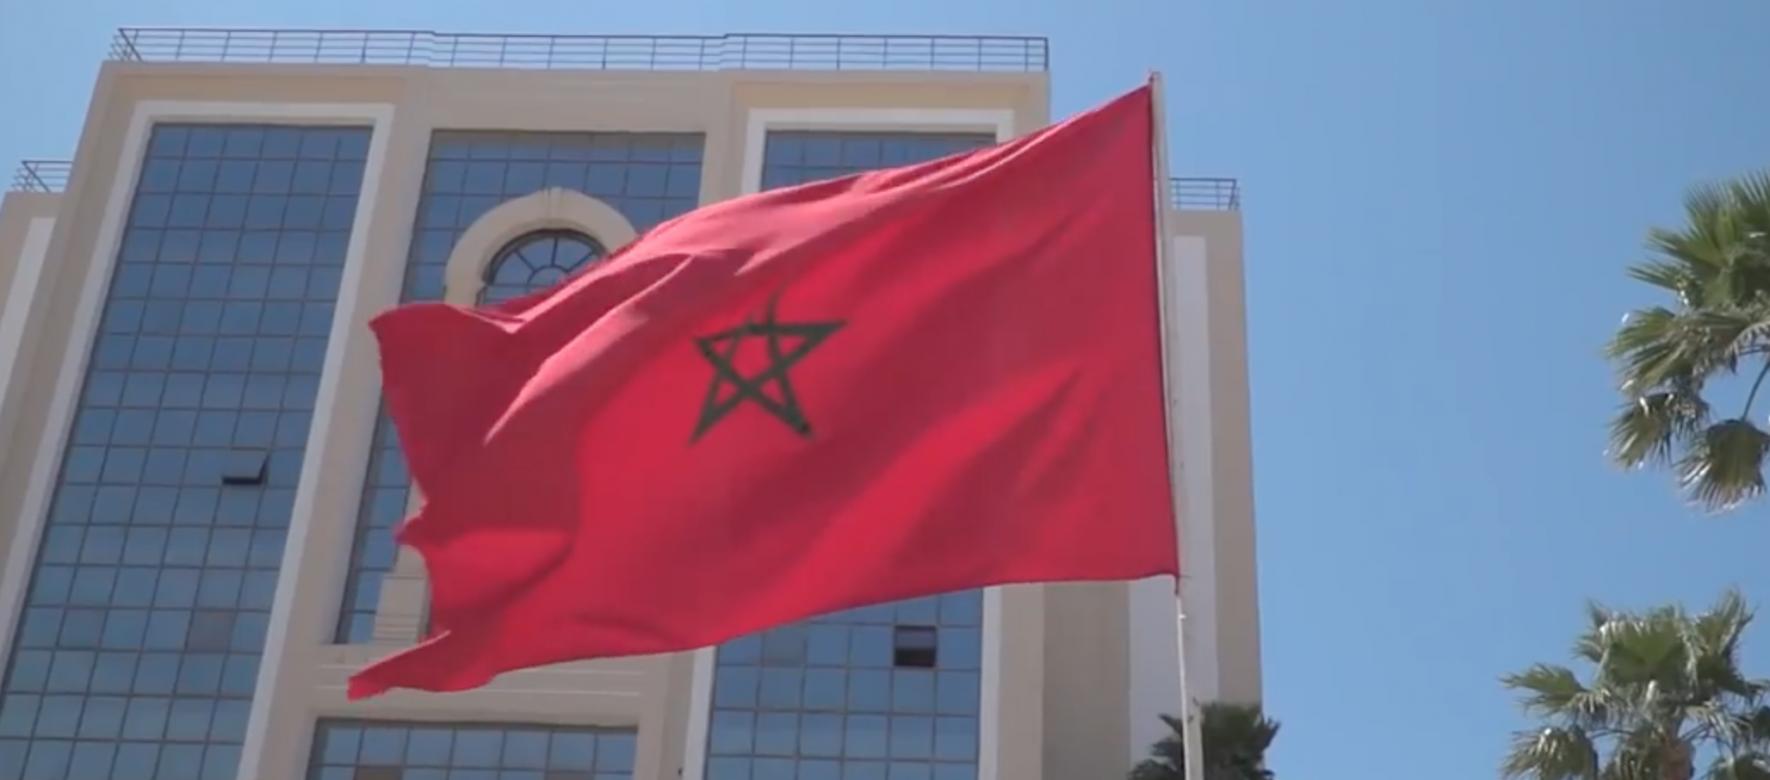 Les Marocains : première communauté étrangère d'Espagne?